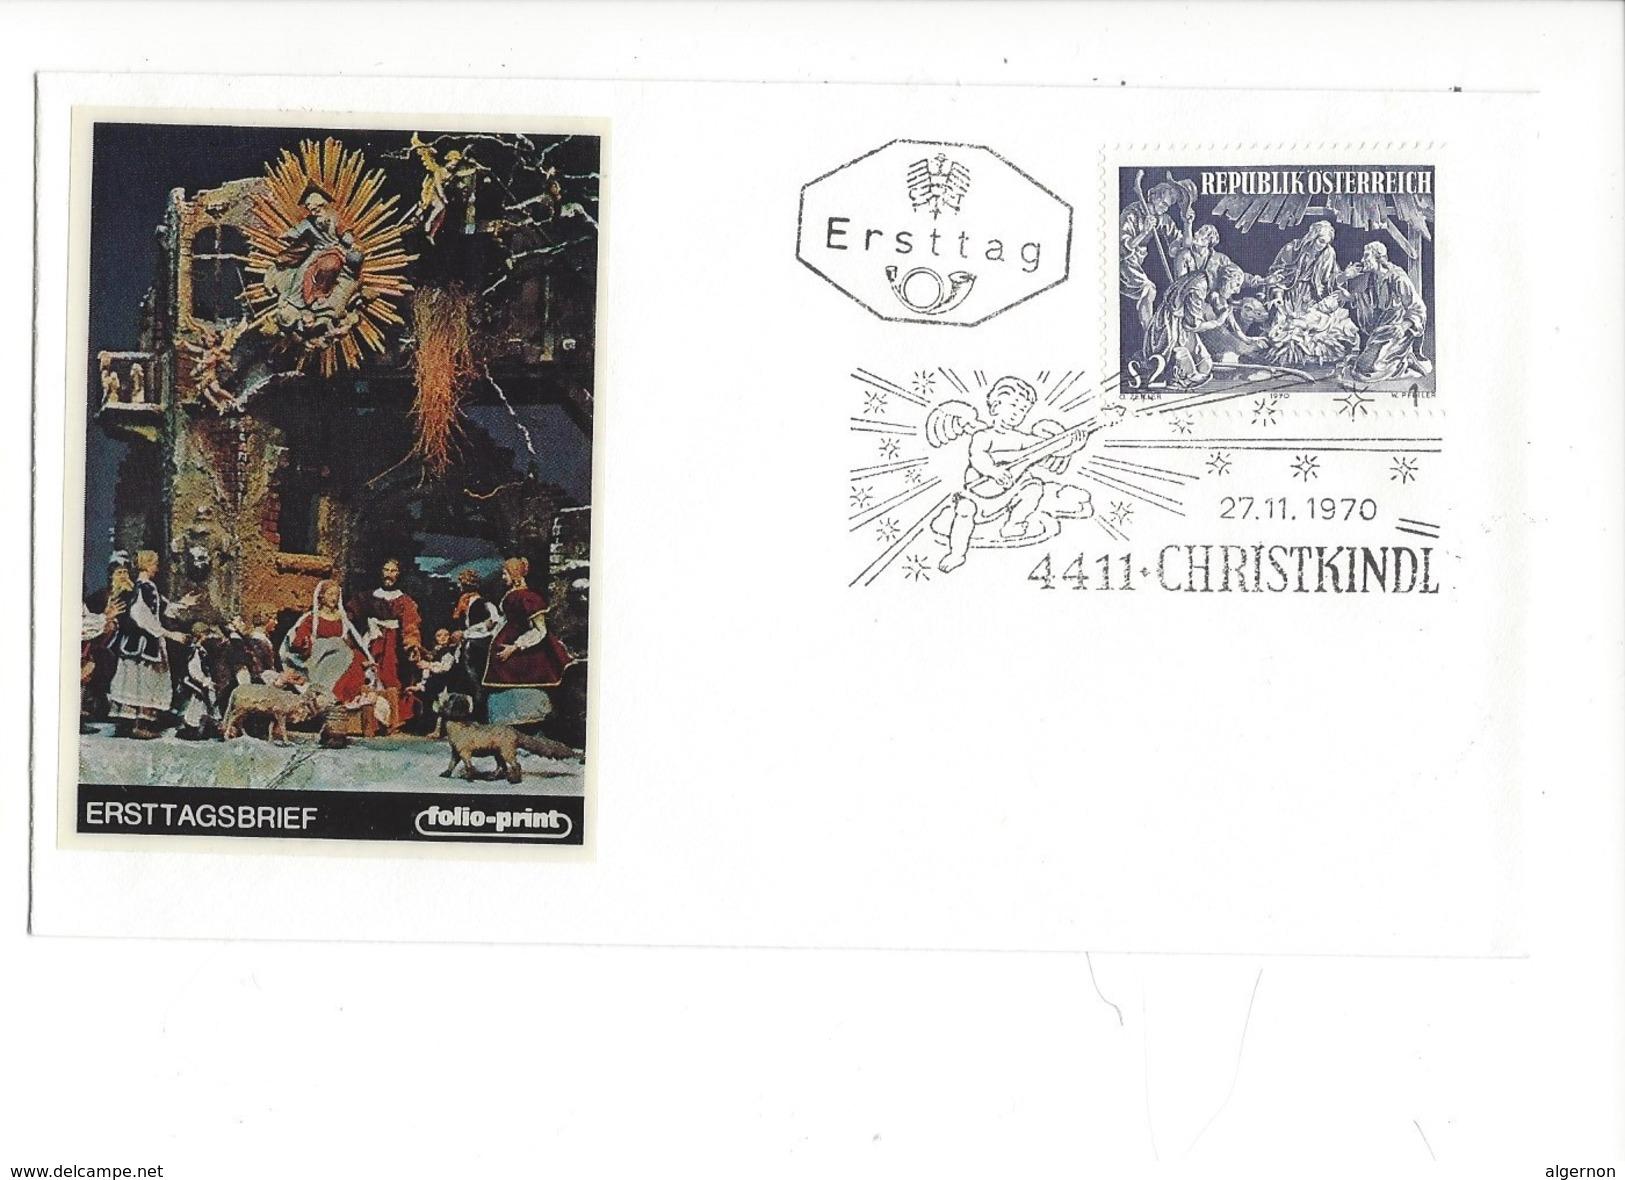 16021 - Christkindl Cover 27.11.1970 - Noël